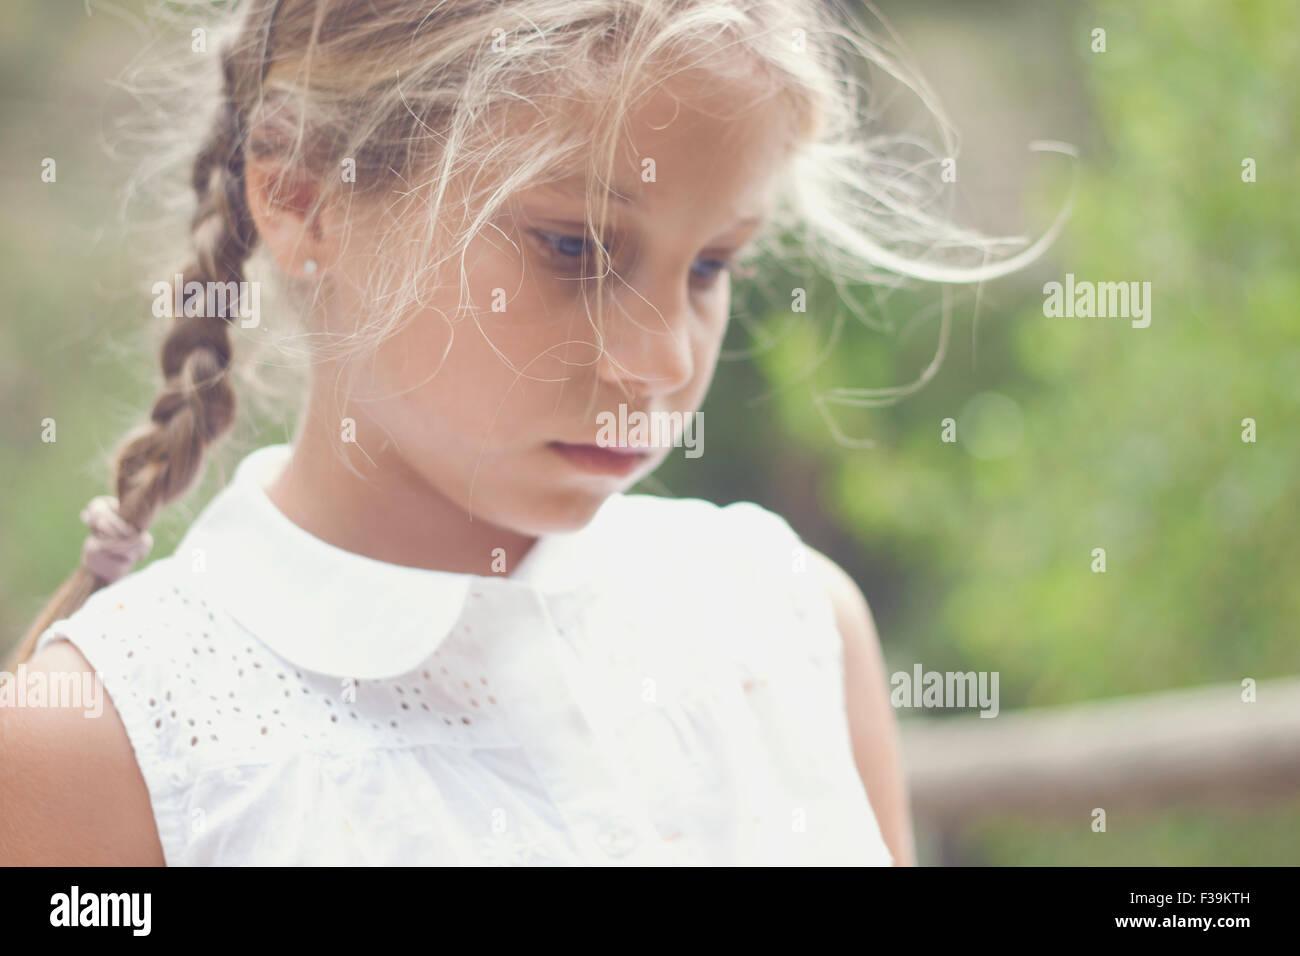 Retrato de una niña mirando pensativo Imagen De Stock